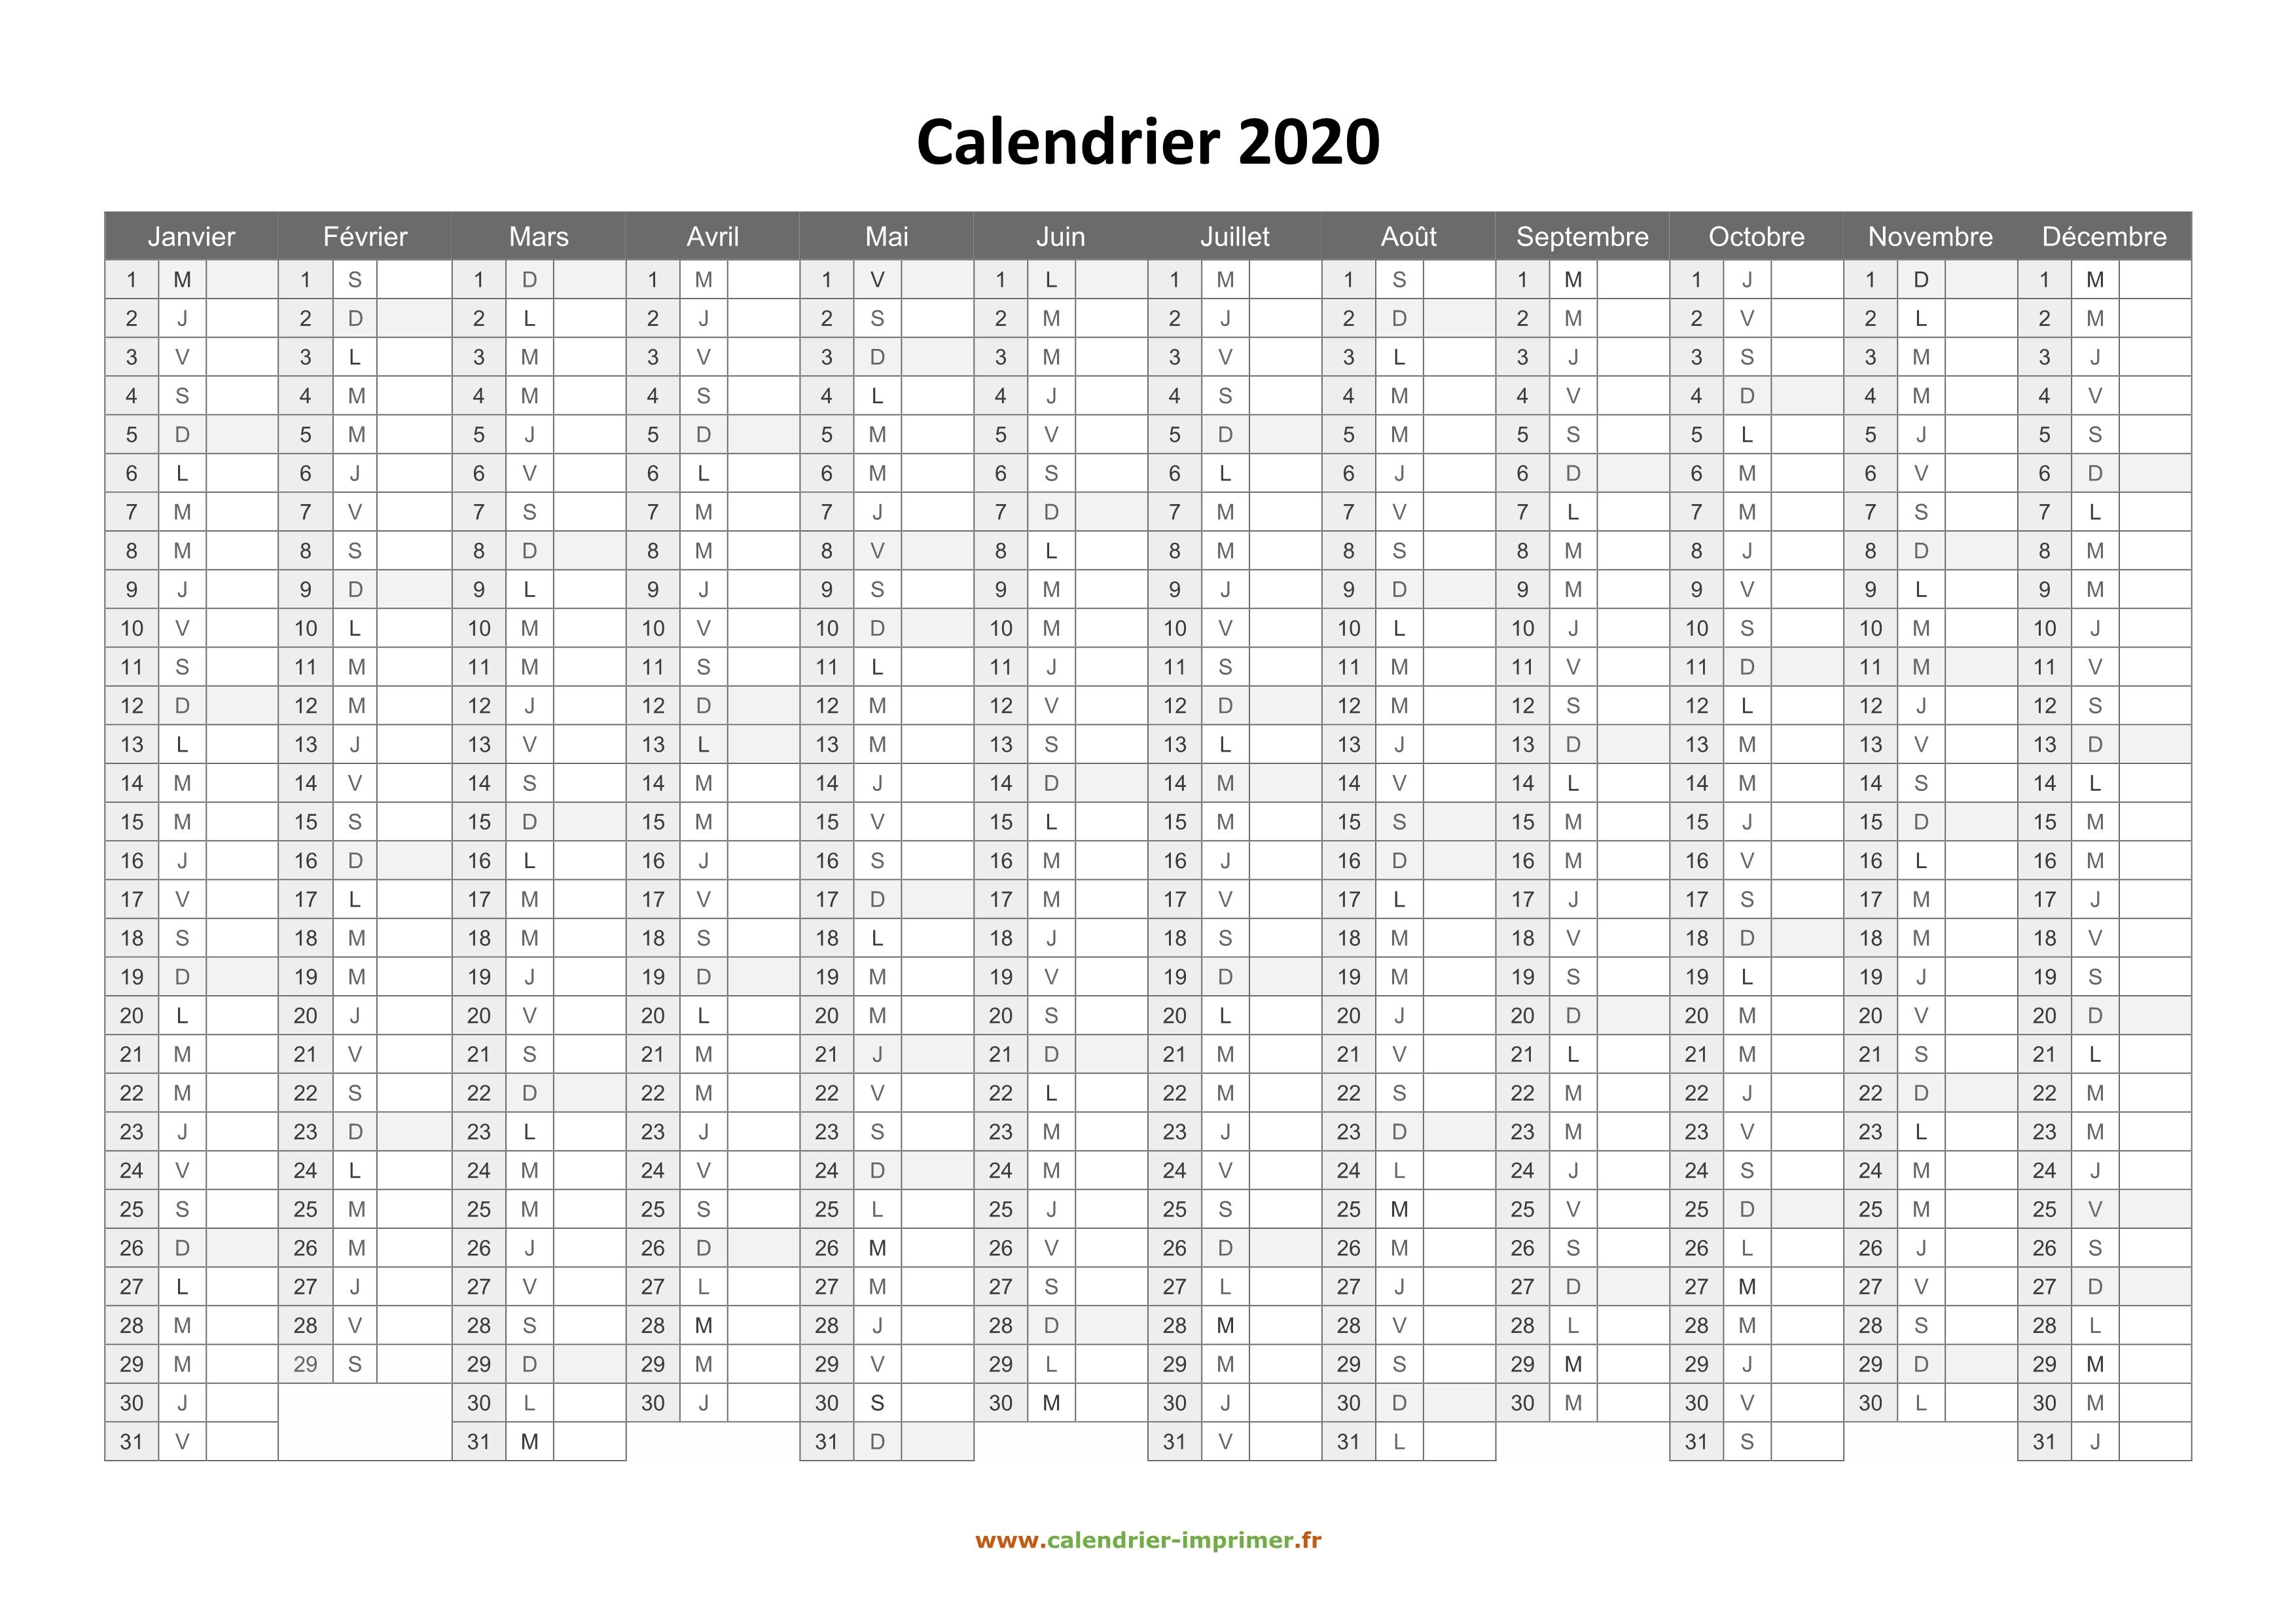 Calendrier 2021 Gratuit.Calendrier 2020 A Imprimer Gratuit